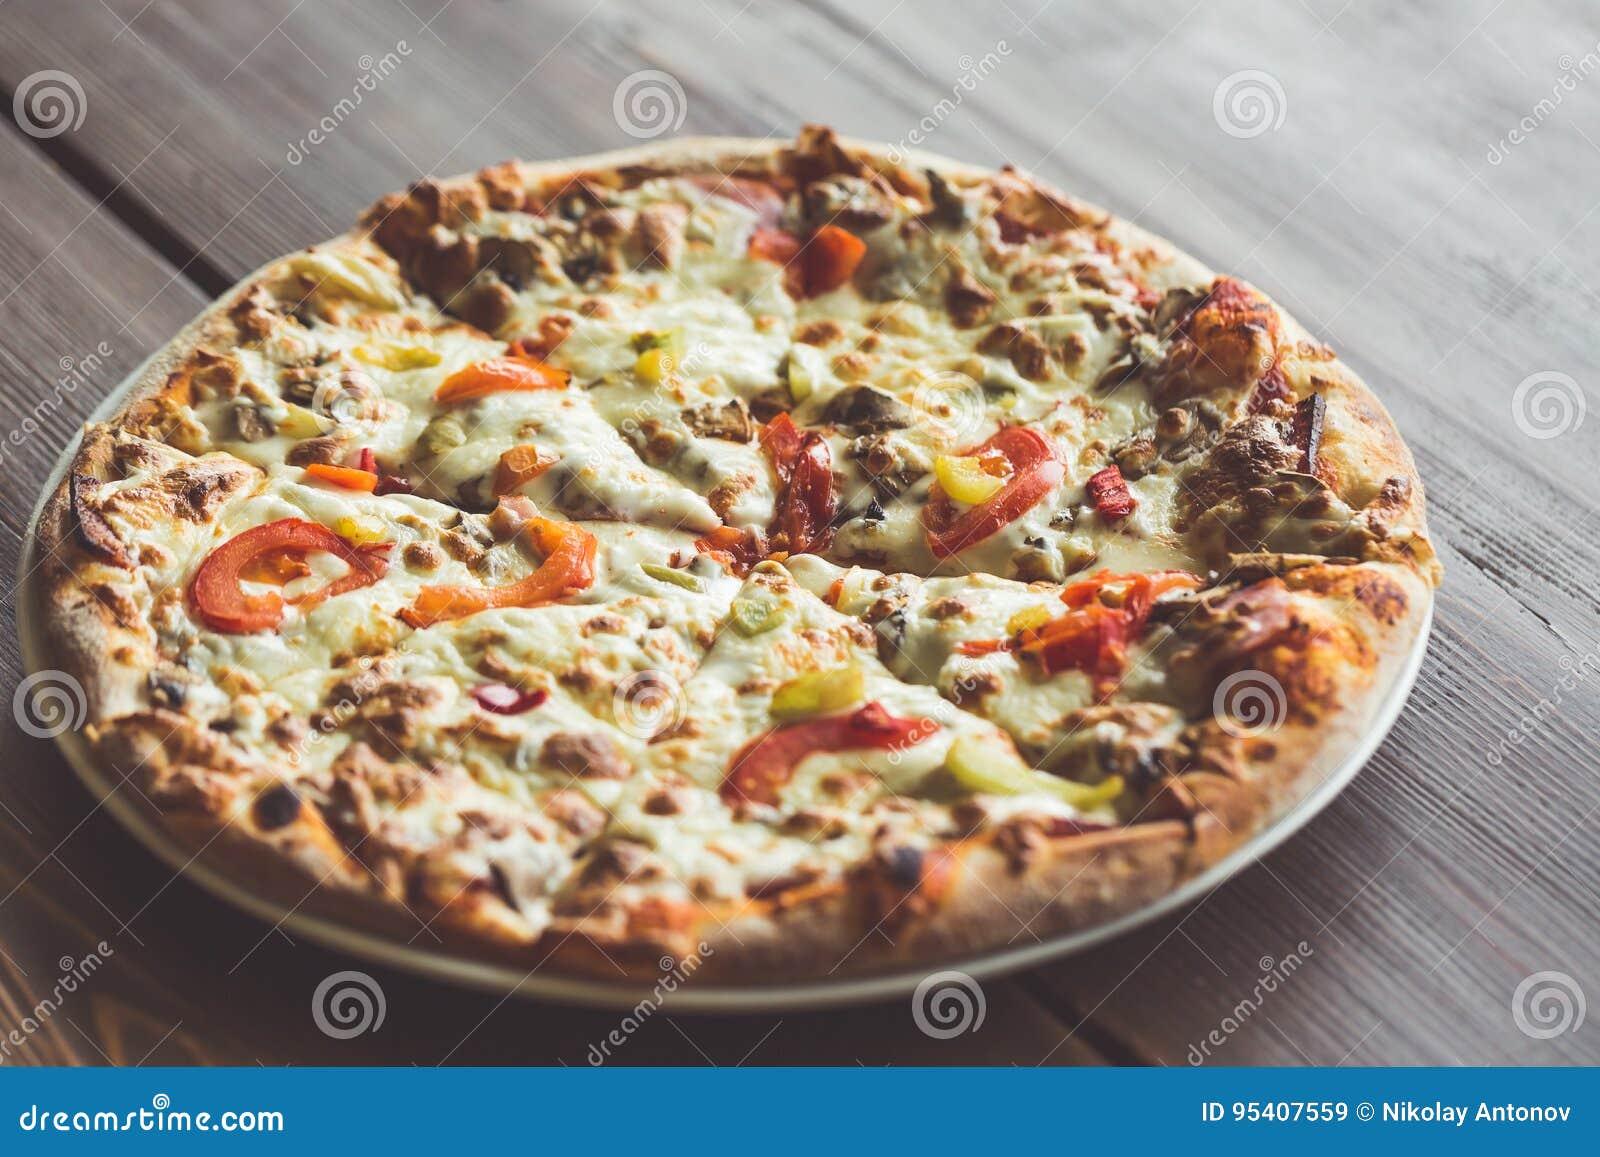 Νόστιμος στενός επάνω πιτσών στο πιάτο και τον ξύλινο πίνακα Πίτσα με το κρεμμύδι, τις ντομάτες, το τυρί, το κρέας και το πιπέρι